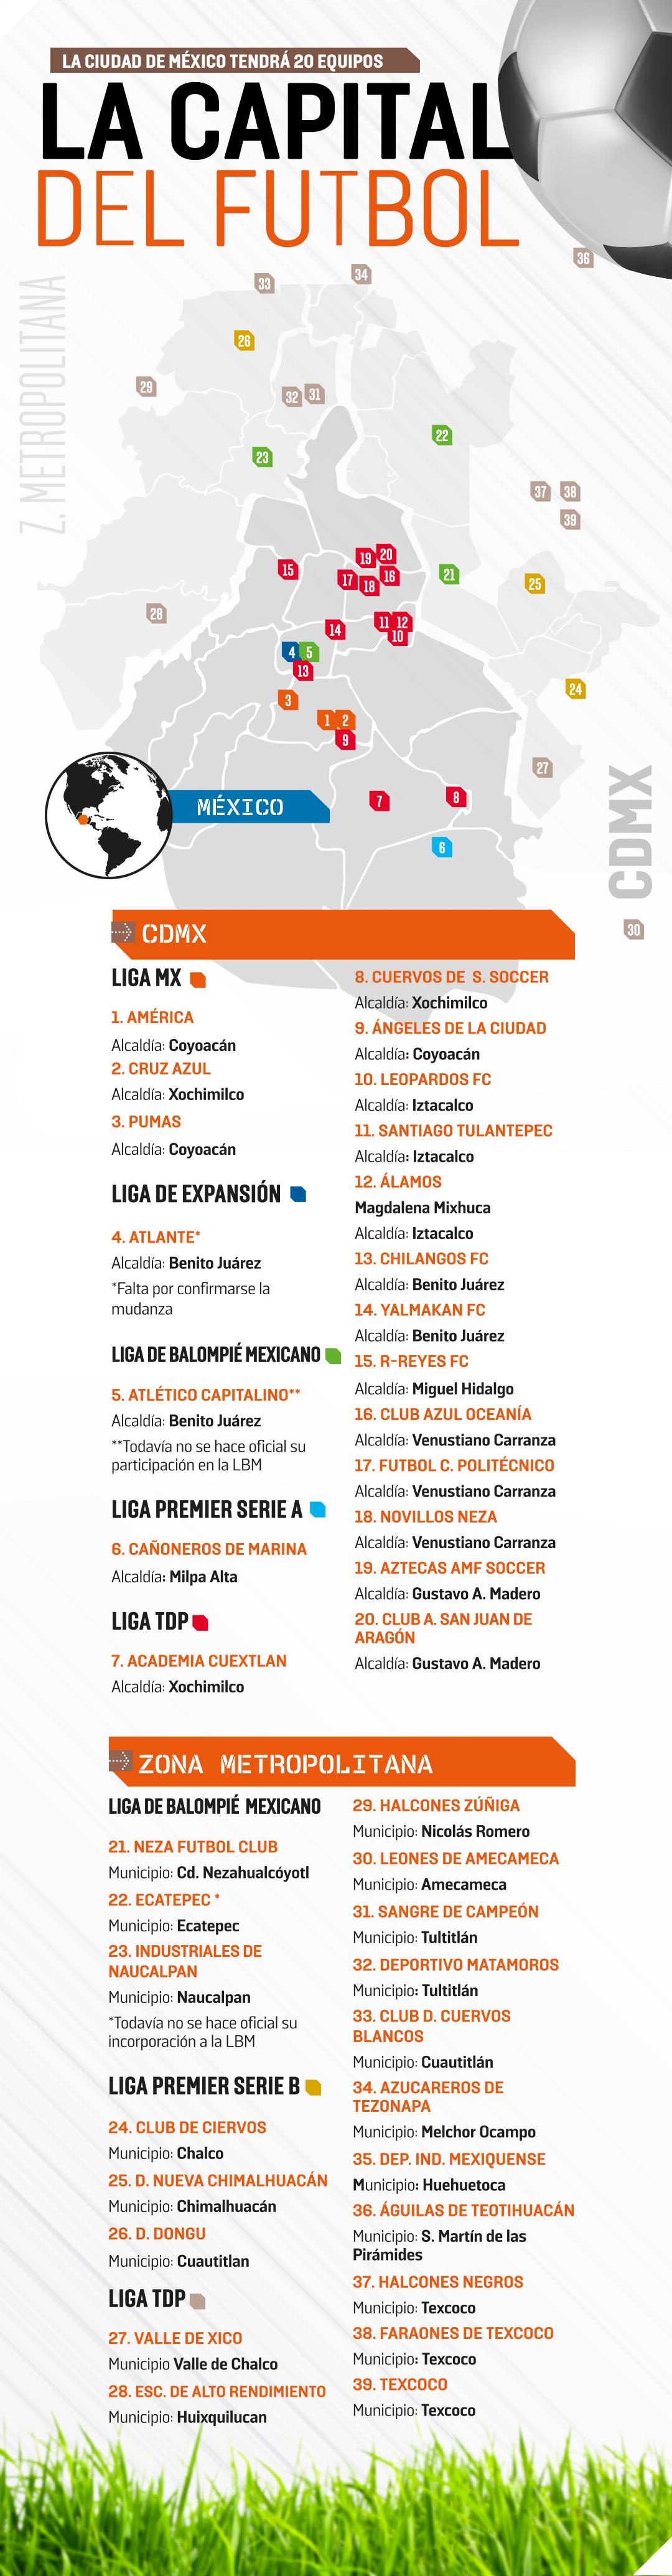 Con La Llegada Del Atlante La Cdmx Tendra 20 Equipos Profesionales